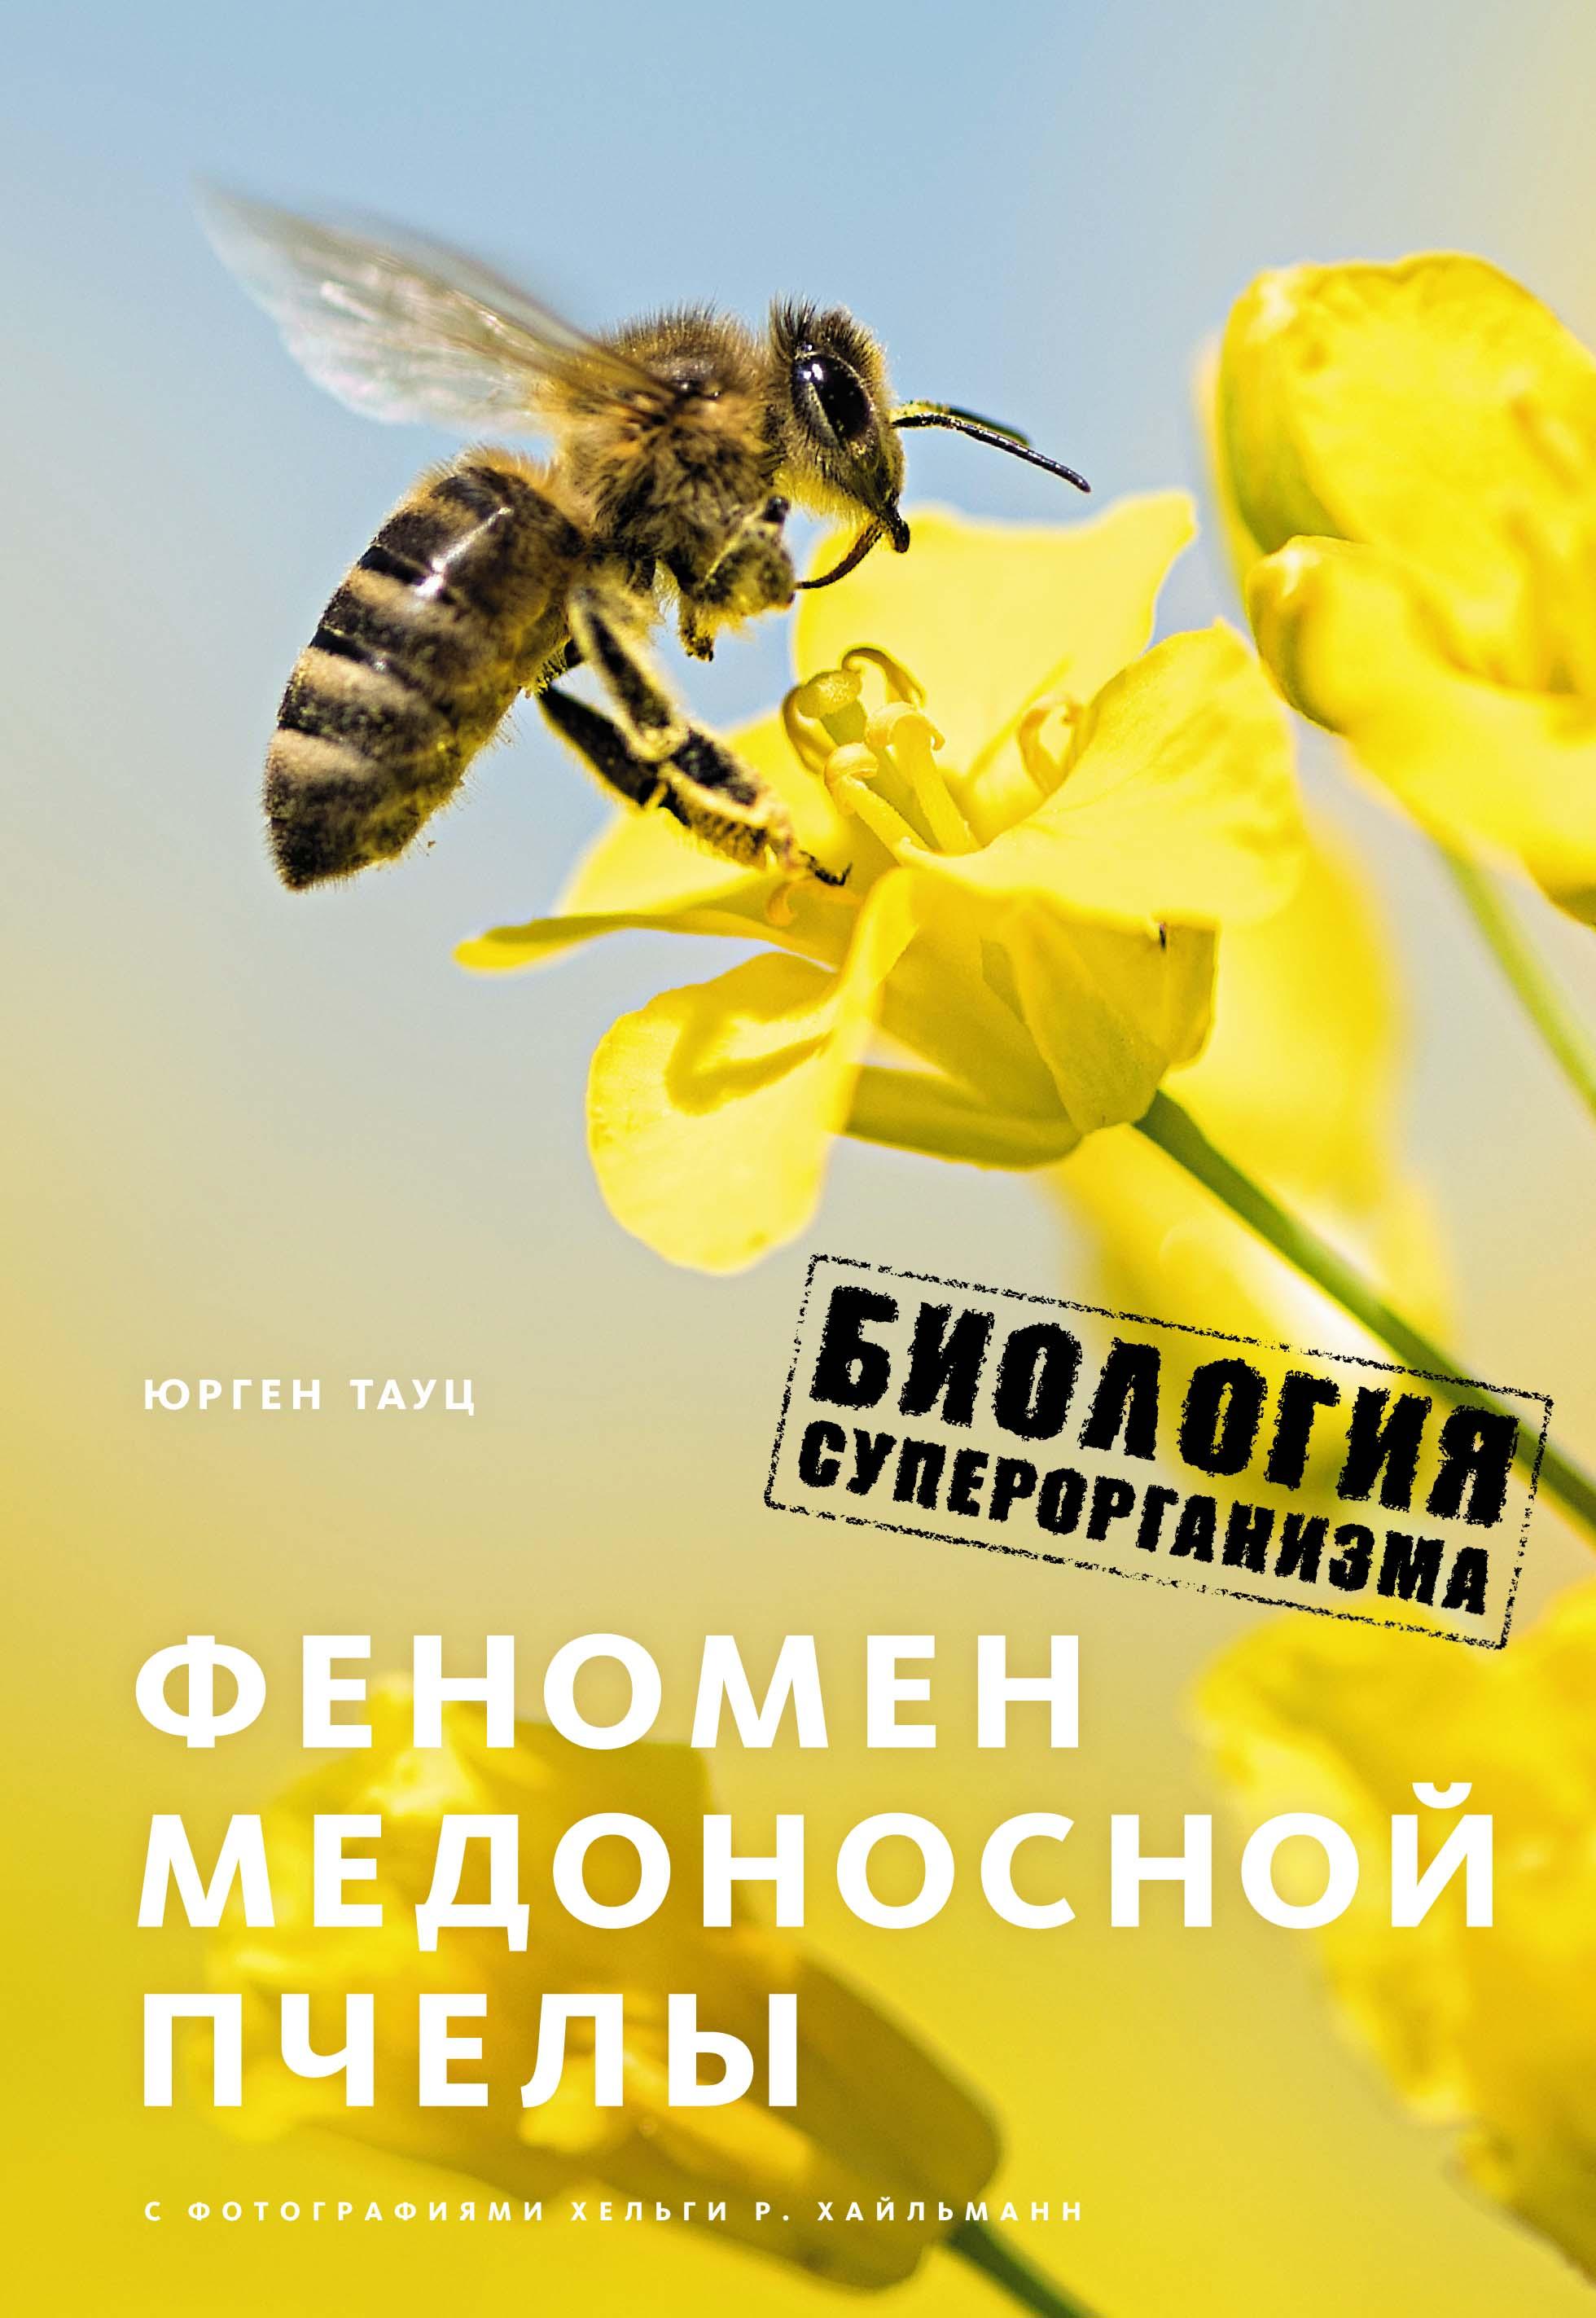 Феномен медоносной пчелы. Биология суперорганизма